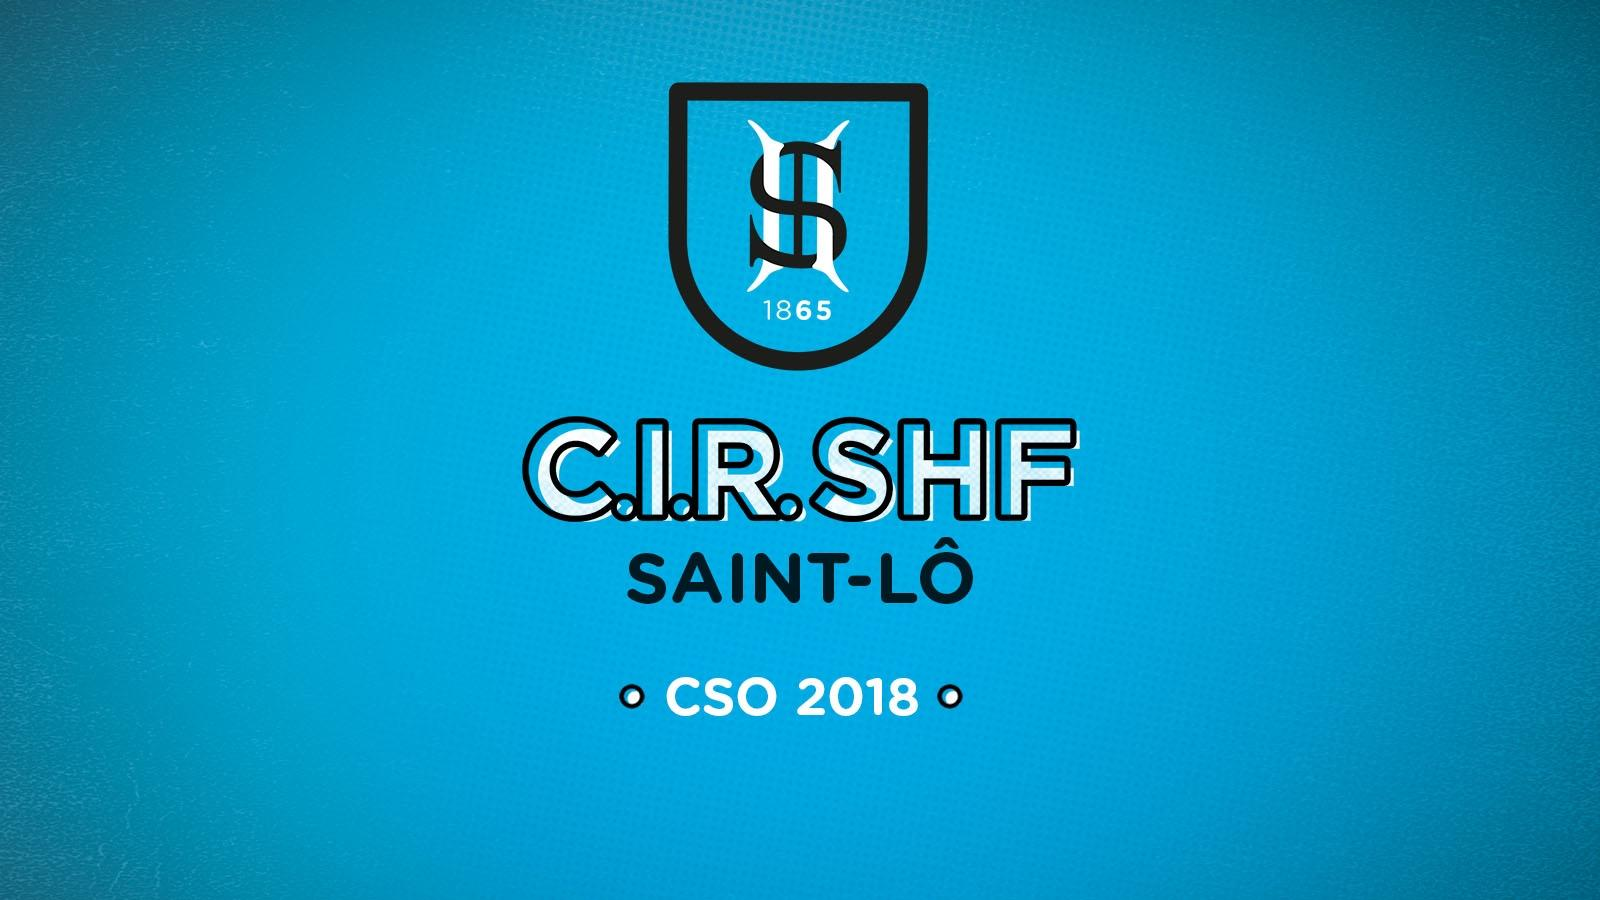 CIR CSO Saint-Lô 2018 : dernière étape avant la Finale